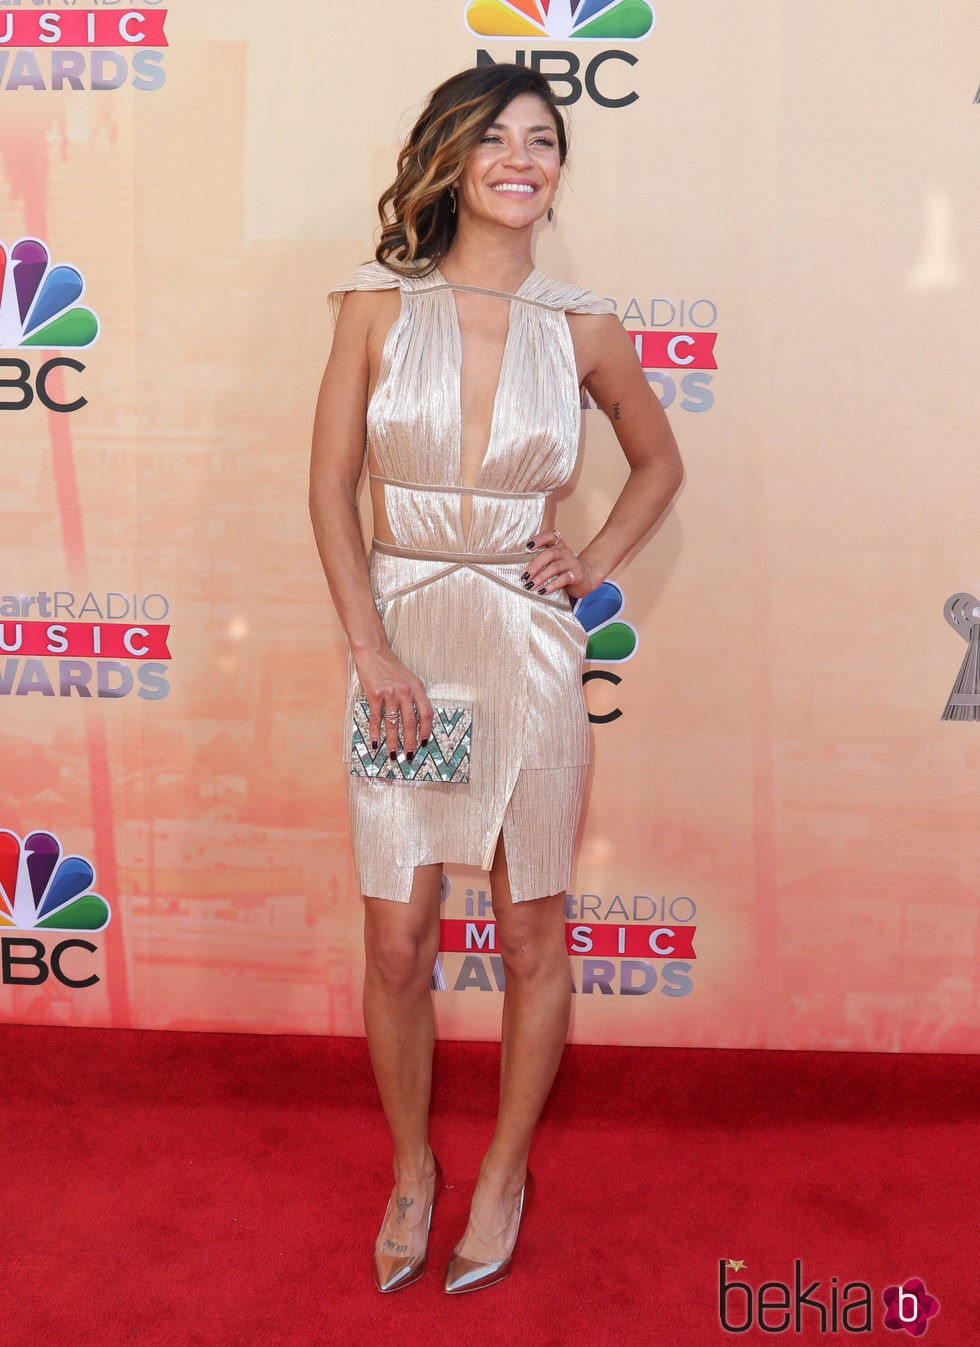 Jessica Szohr en los premios iHeartRadio 2015